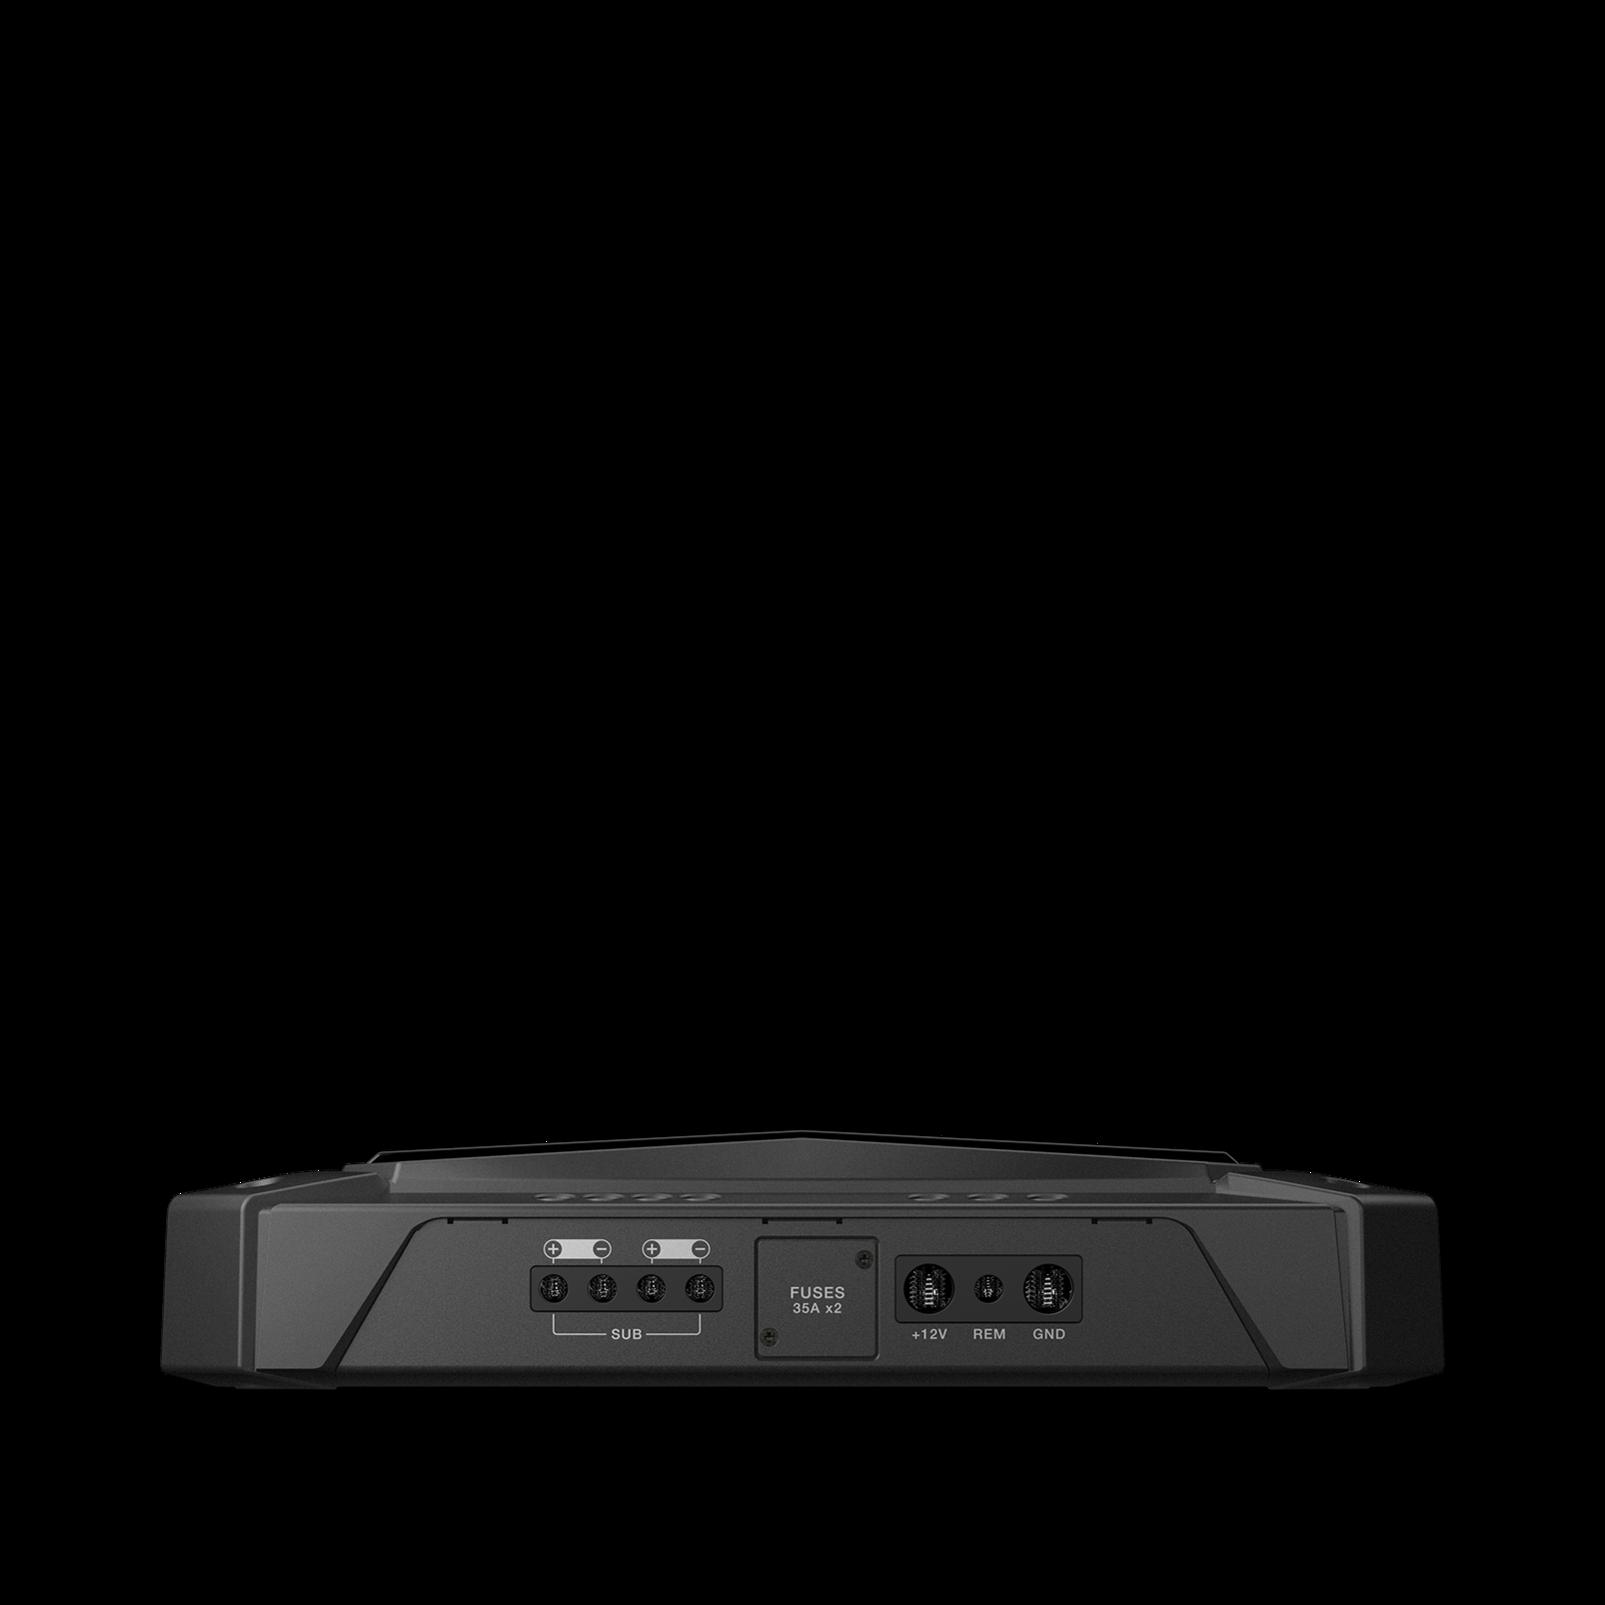 GTR-601